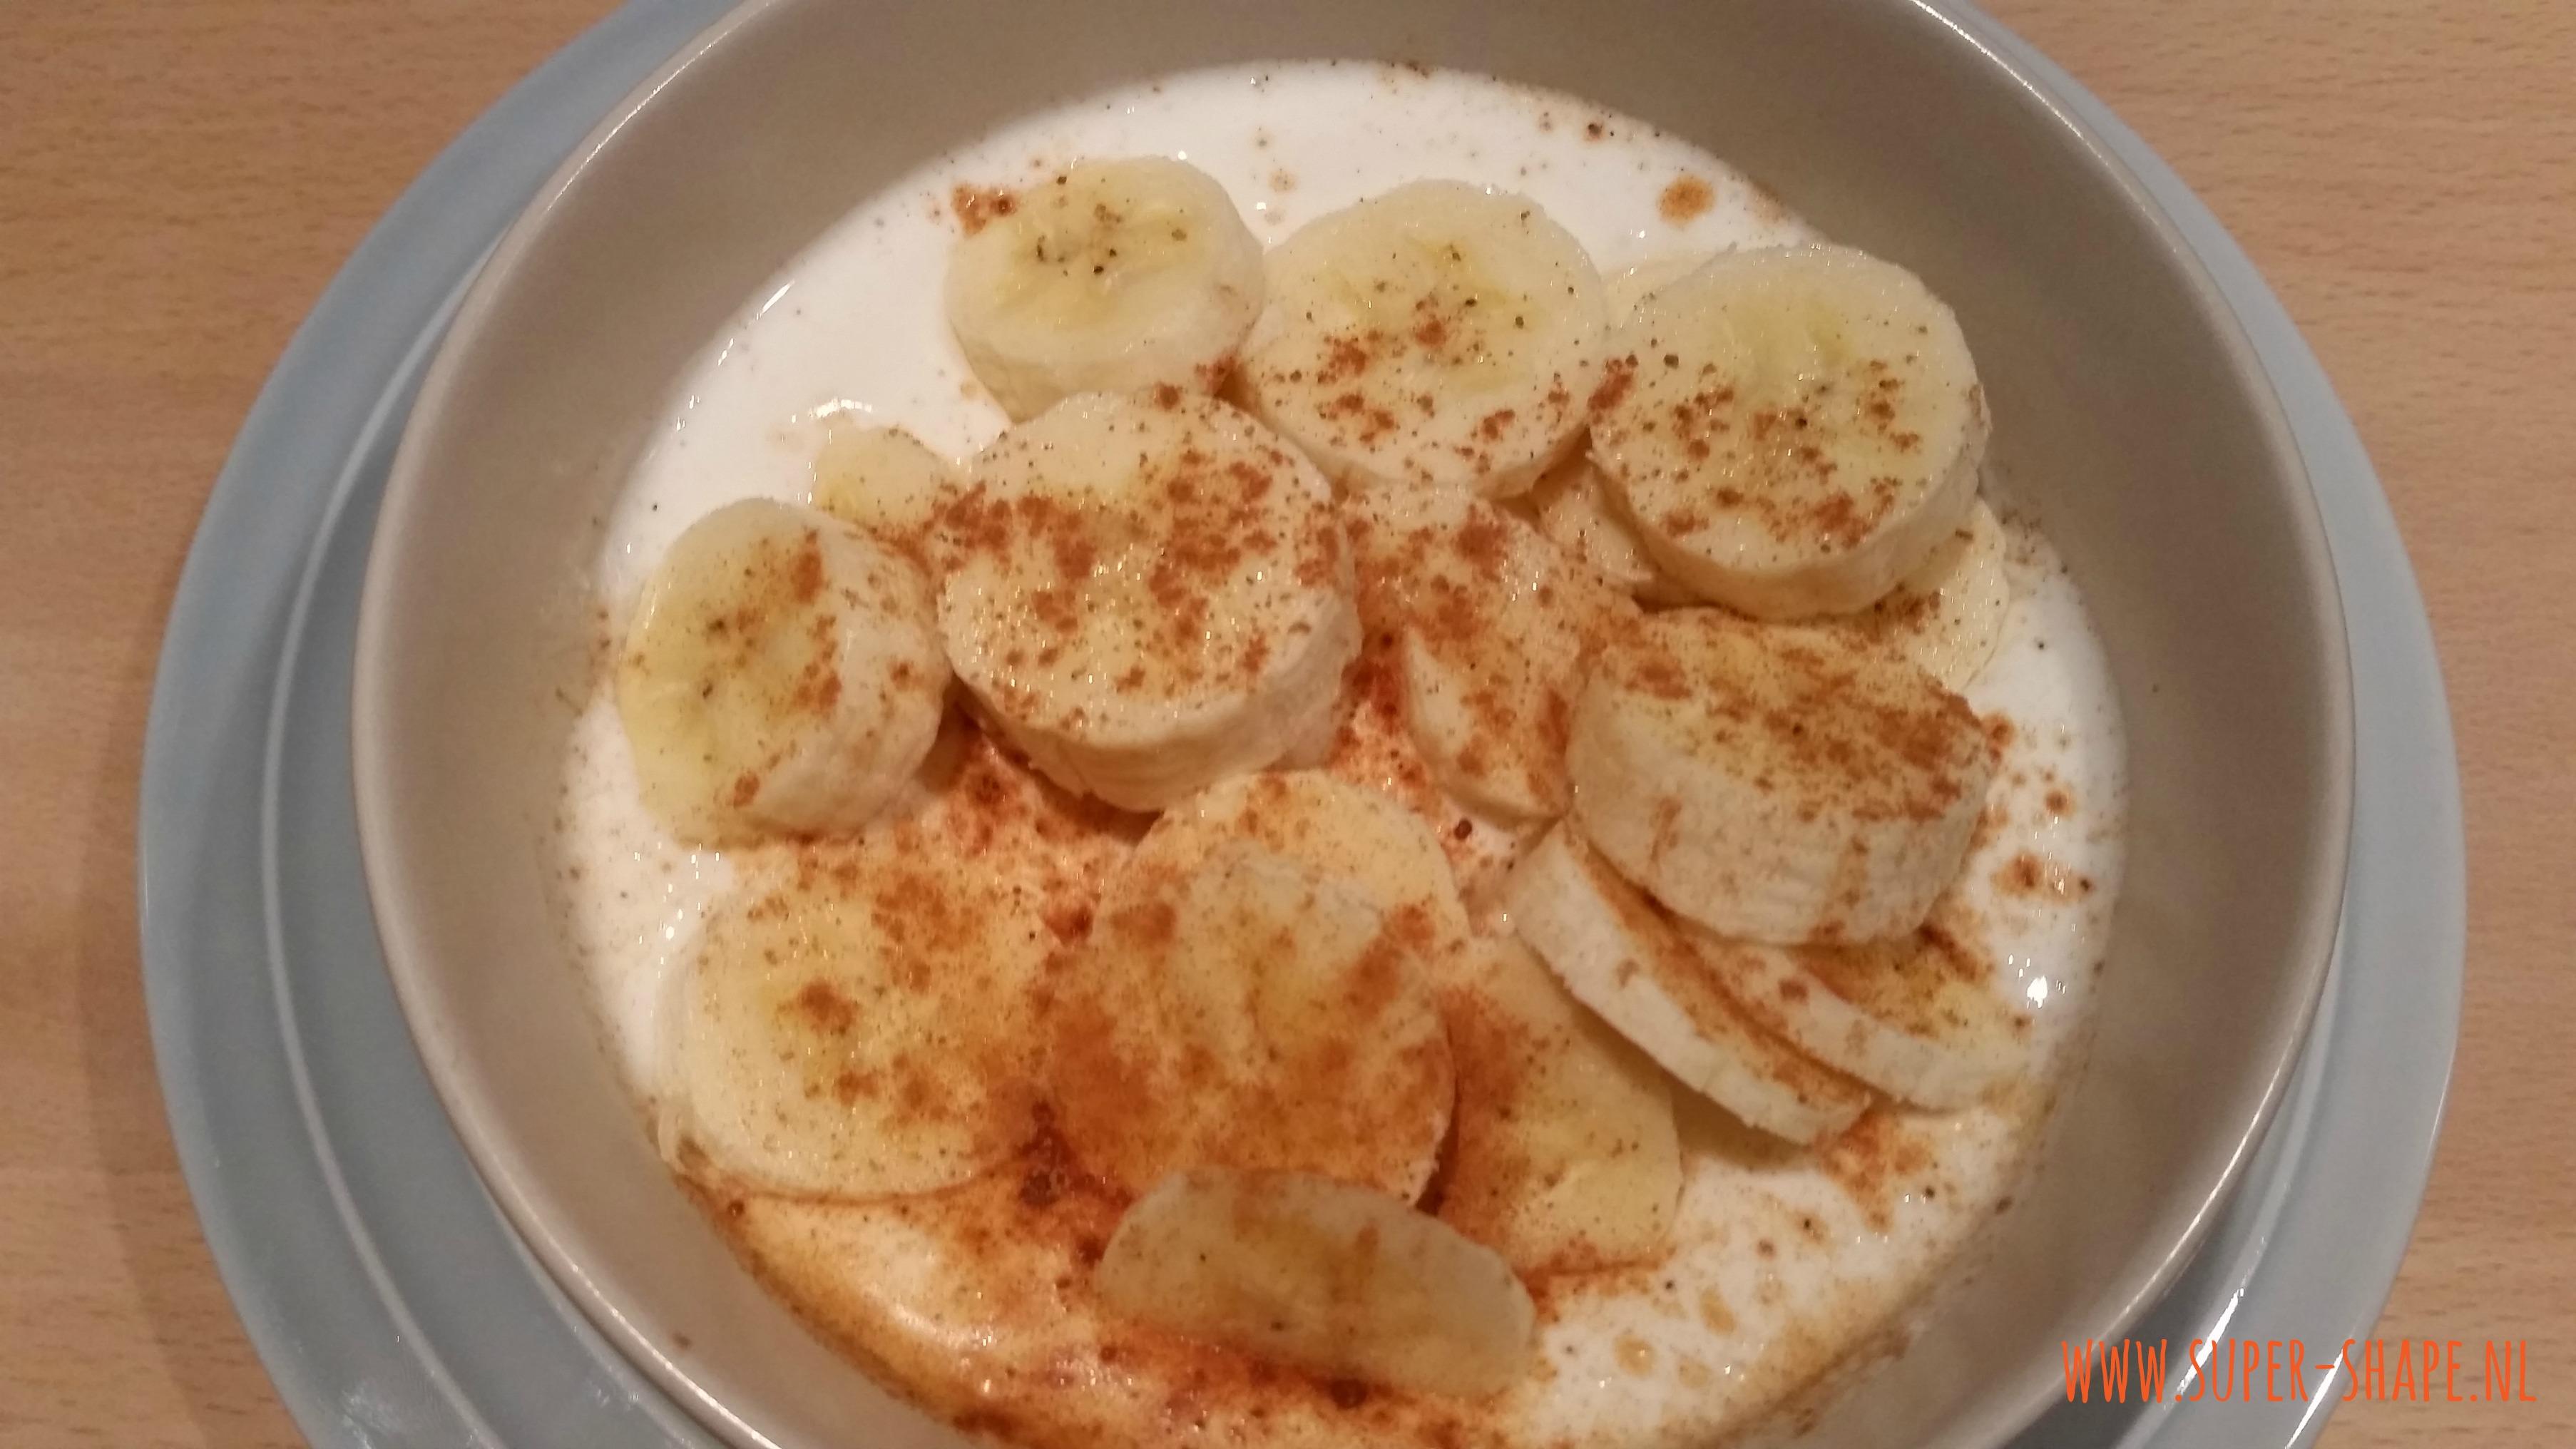 ontbijt met kwark